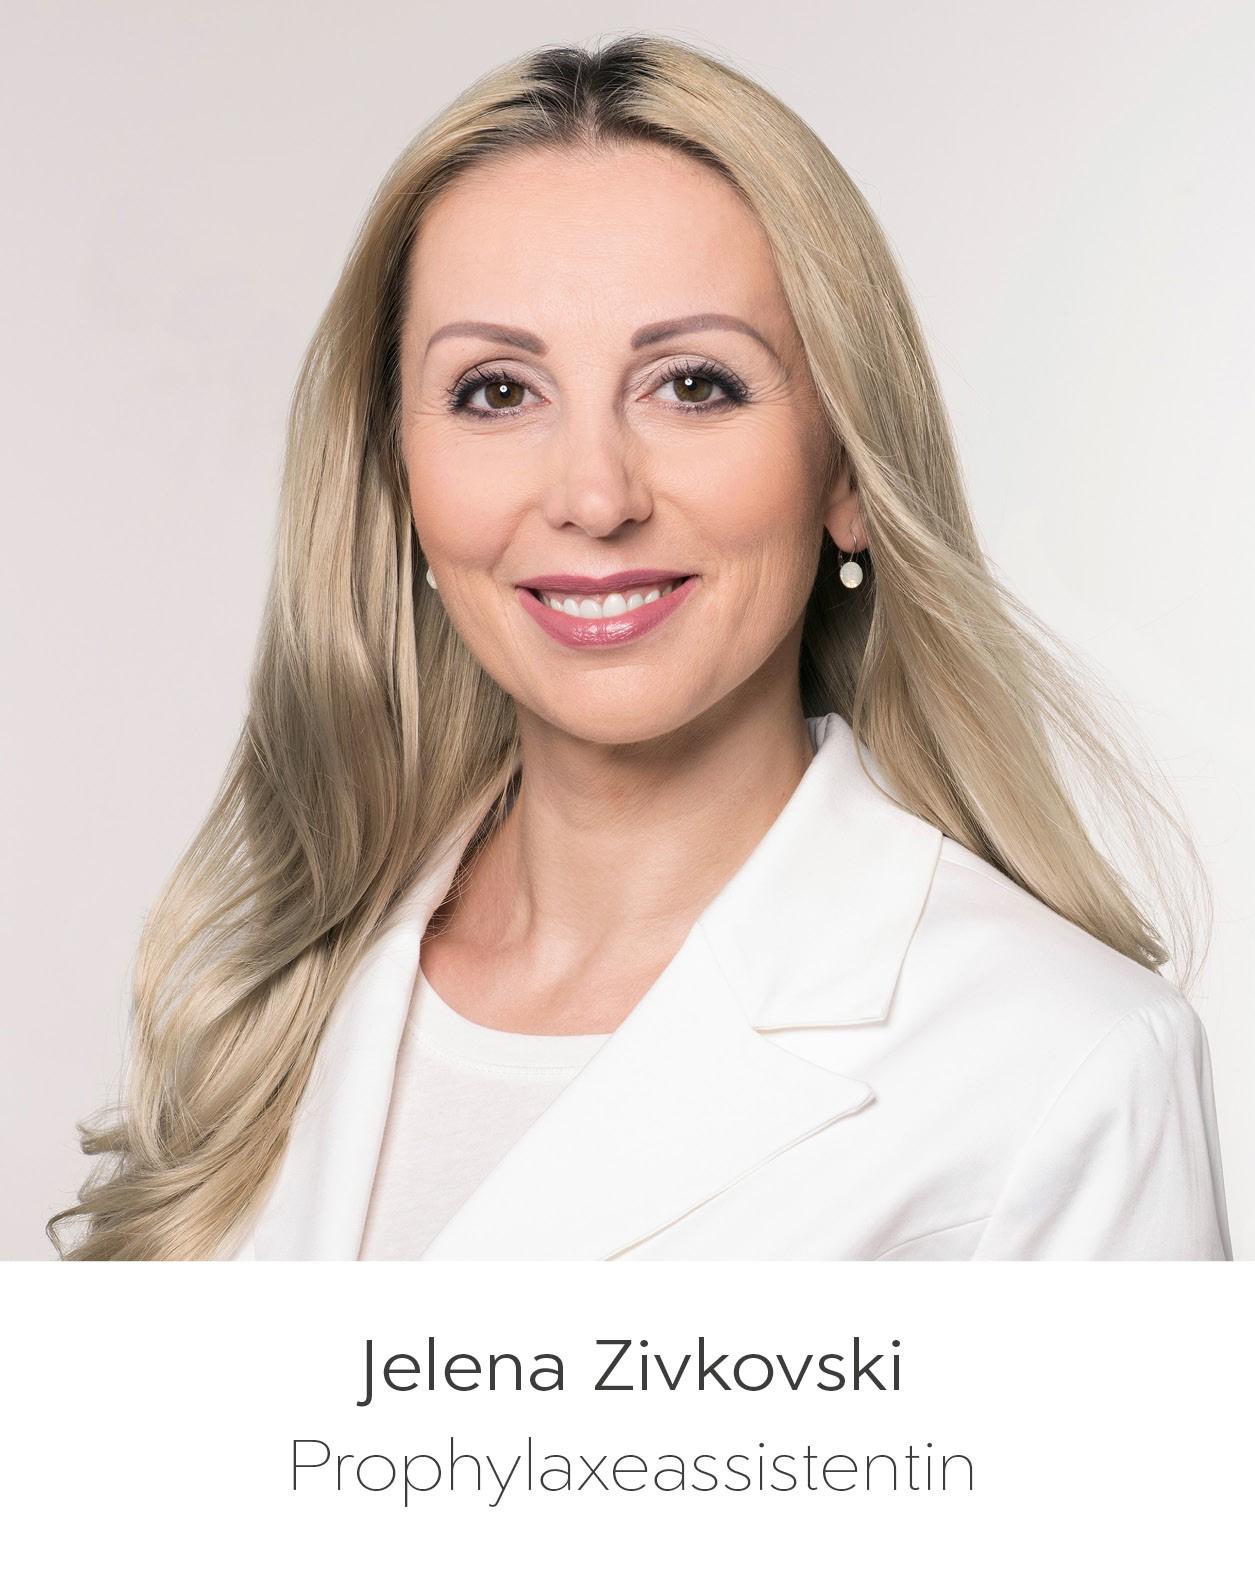 Jelena Zivkovski